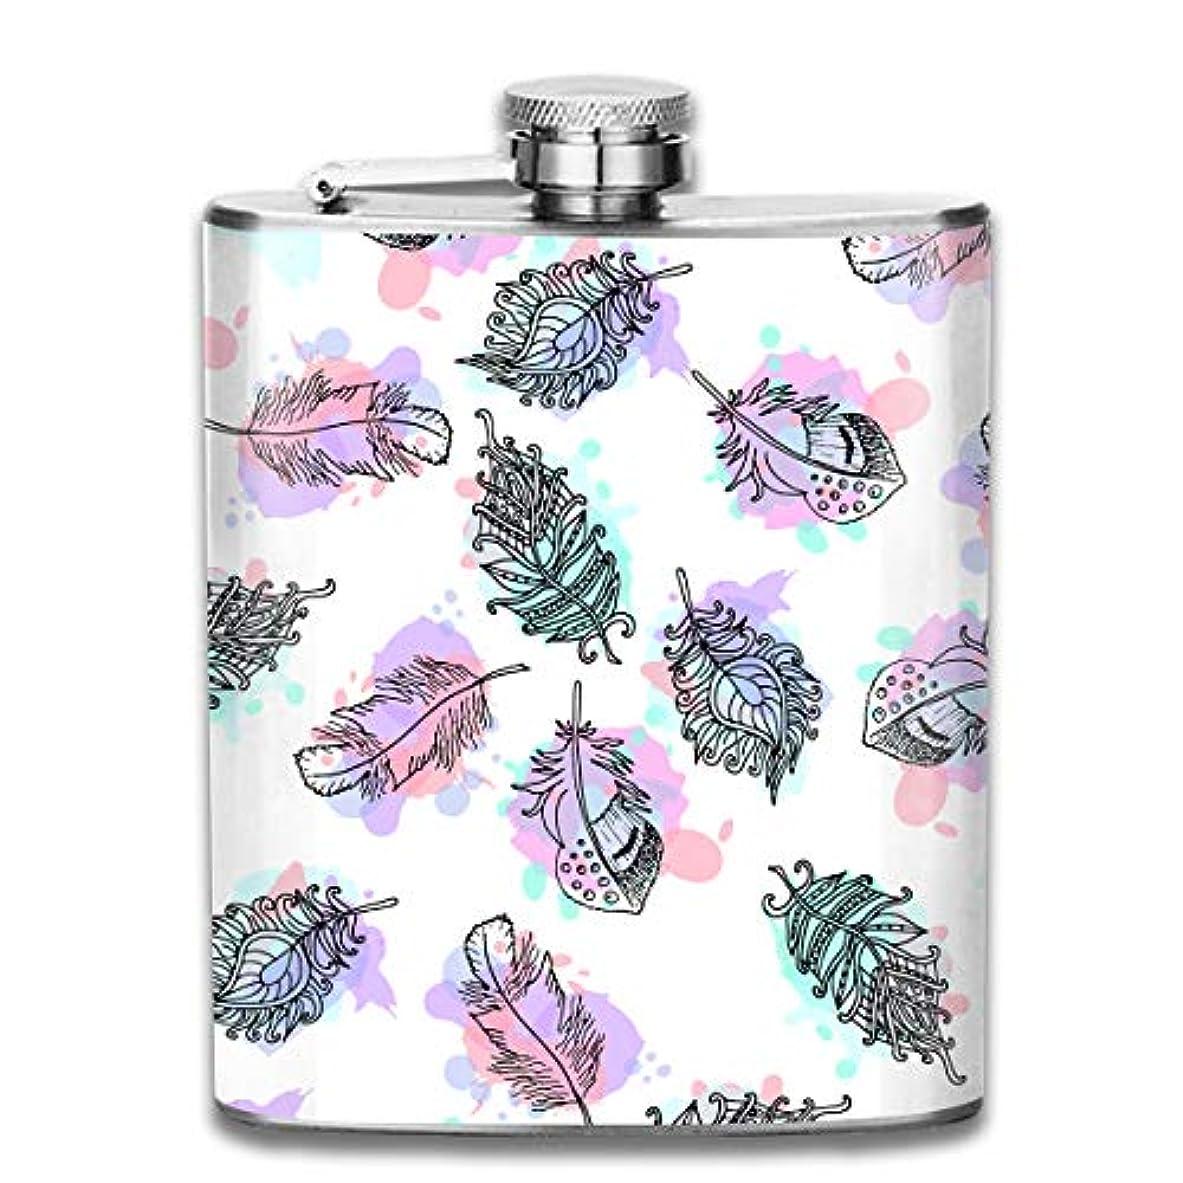 ハードリンググリーンバック旋律的綺麗な葉 フラスコ スキットル ヒップフラスコ 7オンス 206ml 高品質ステンレス製 ウイスキー アルコール 清酒 携帯 ボトル